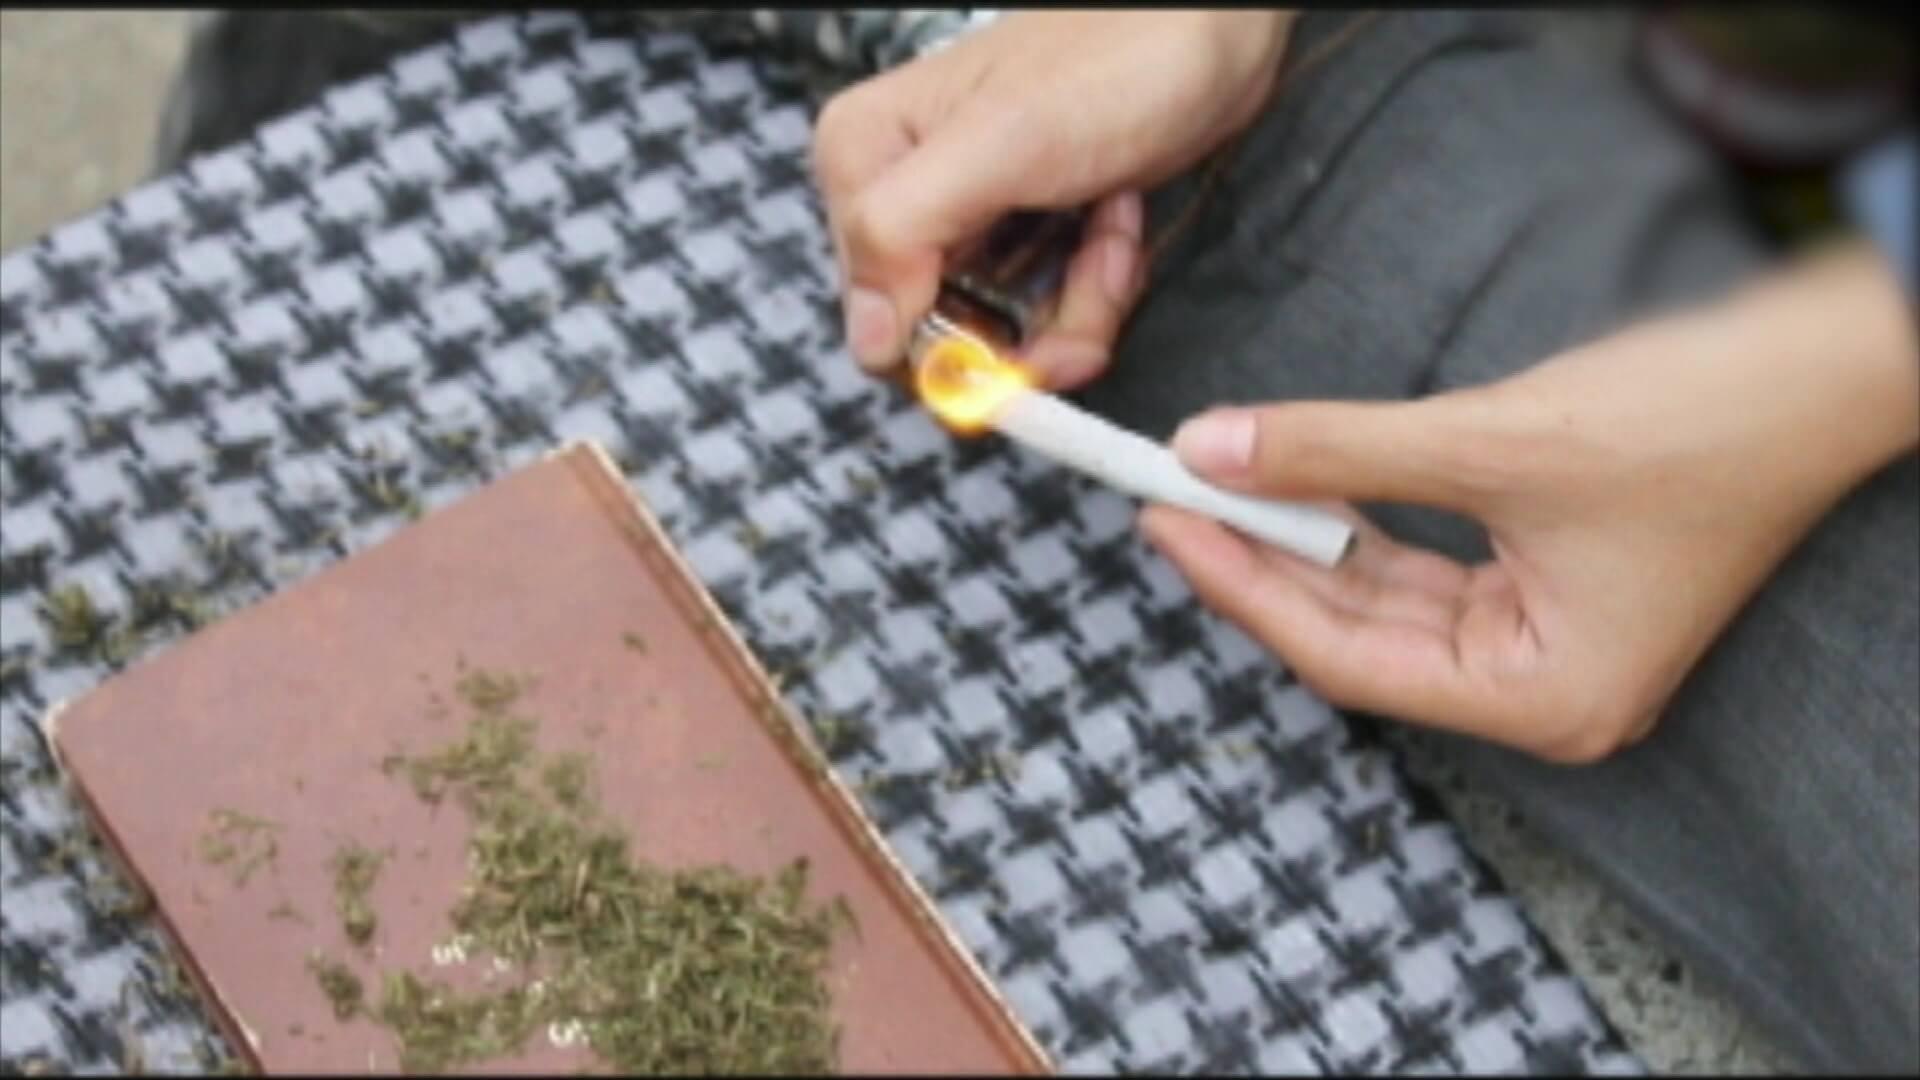 Consumo de drogas en Antioquia comienza a los ocho años